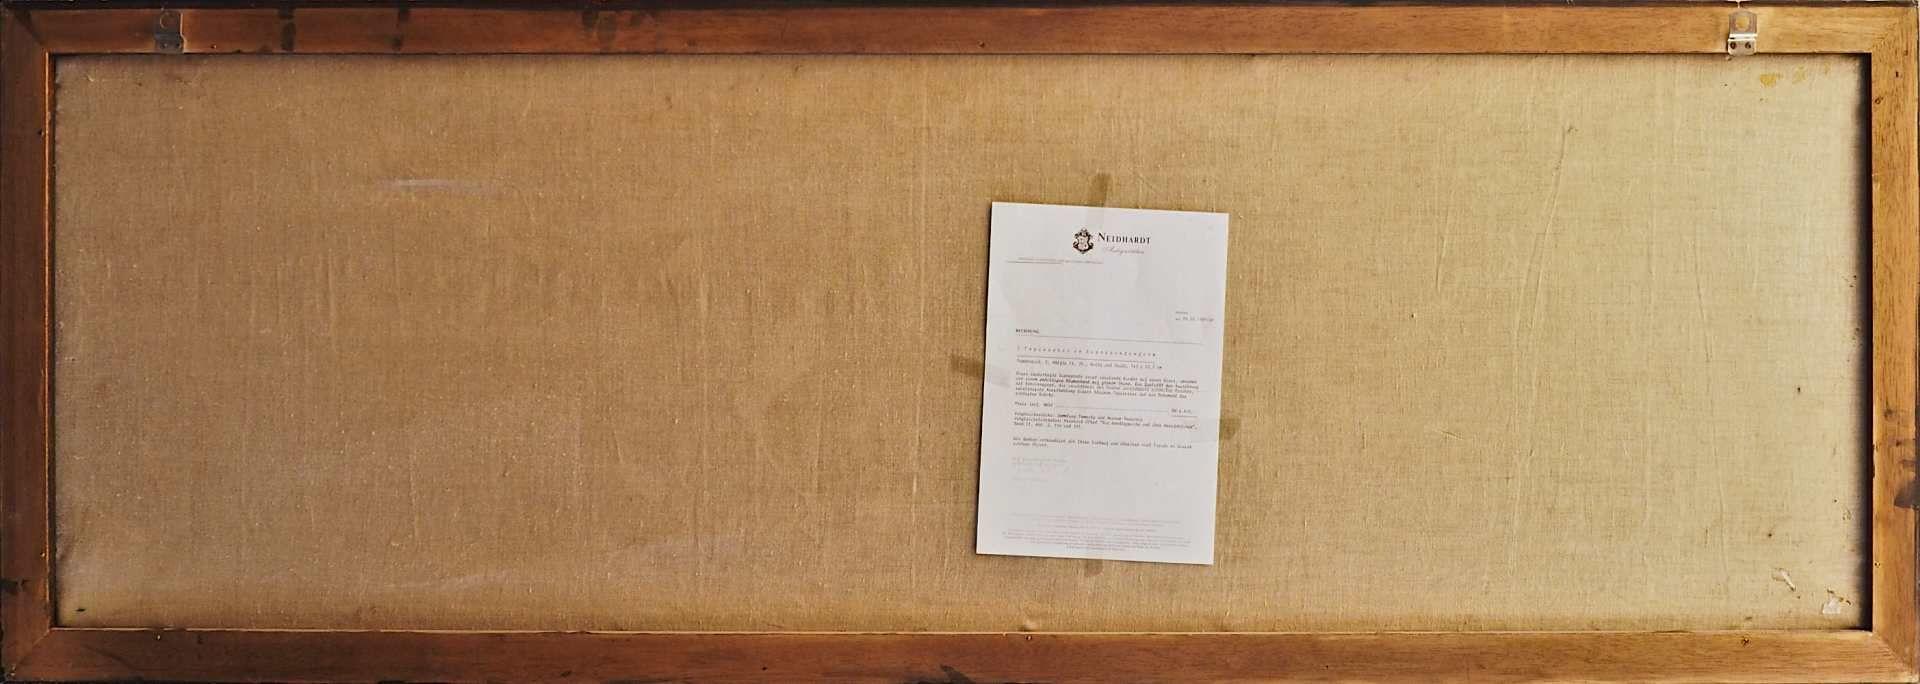 1 Tapisserie in Supraportenform, lt. Rechnung Frankreich 2. Hälfte 18.Jh., Wolle/Seid - Bild 5 aus 6